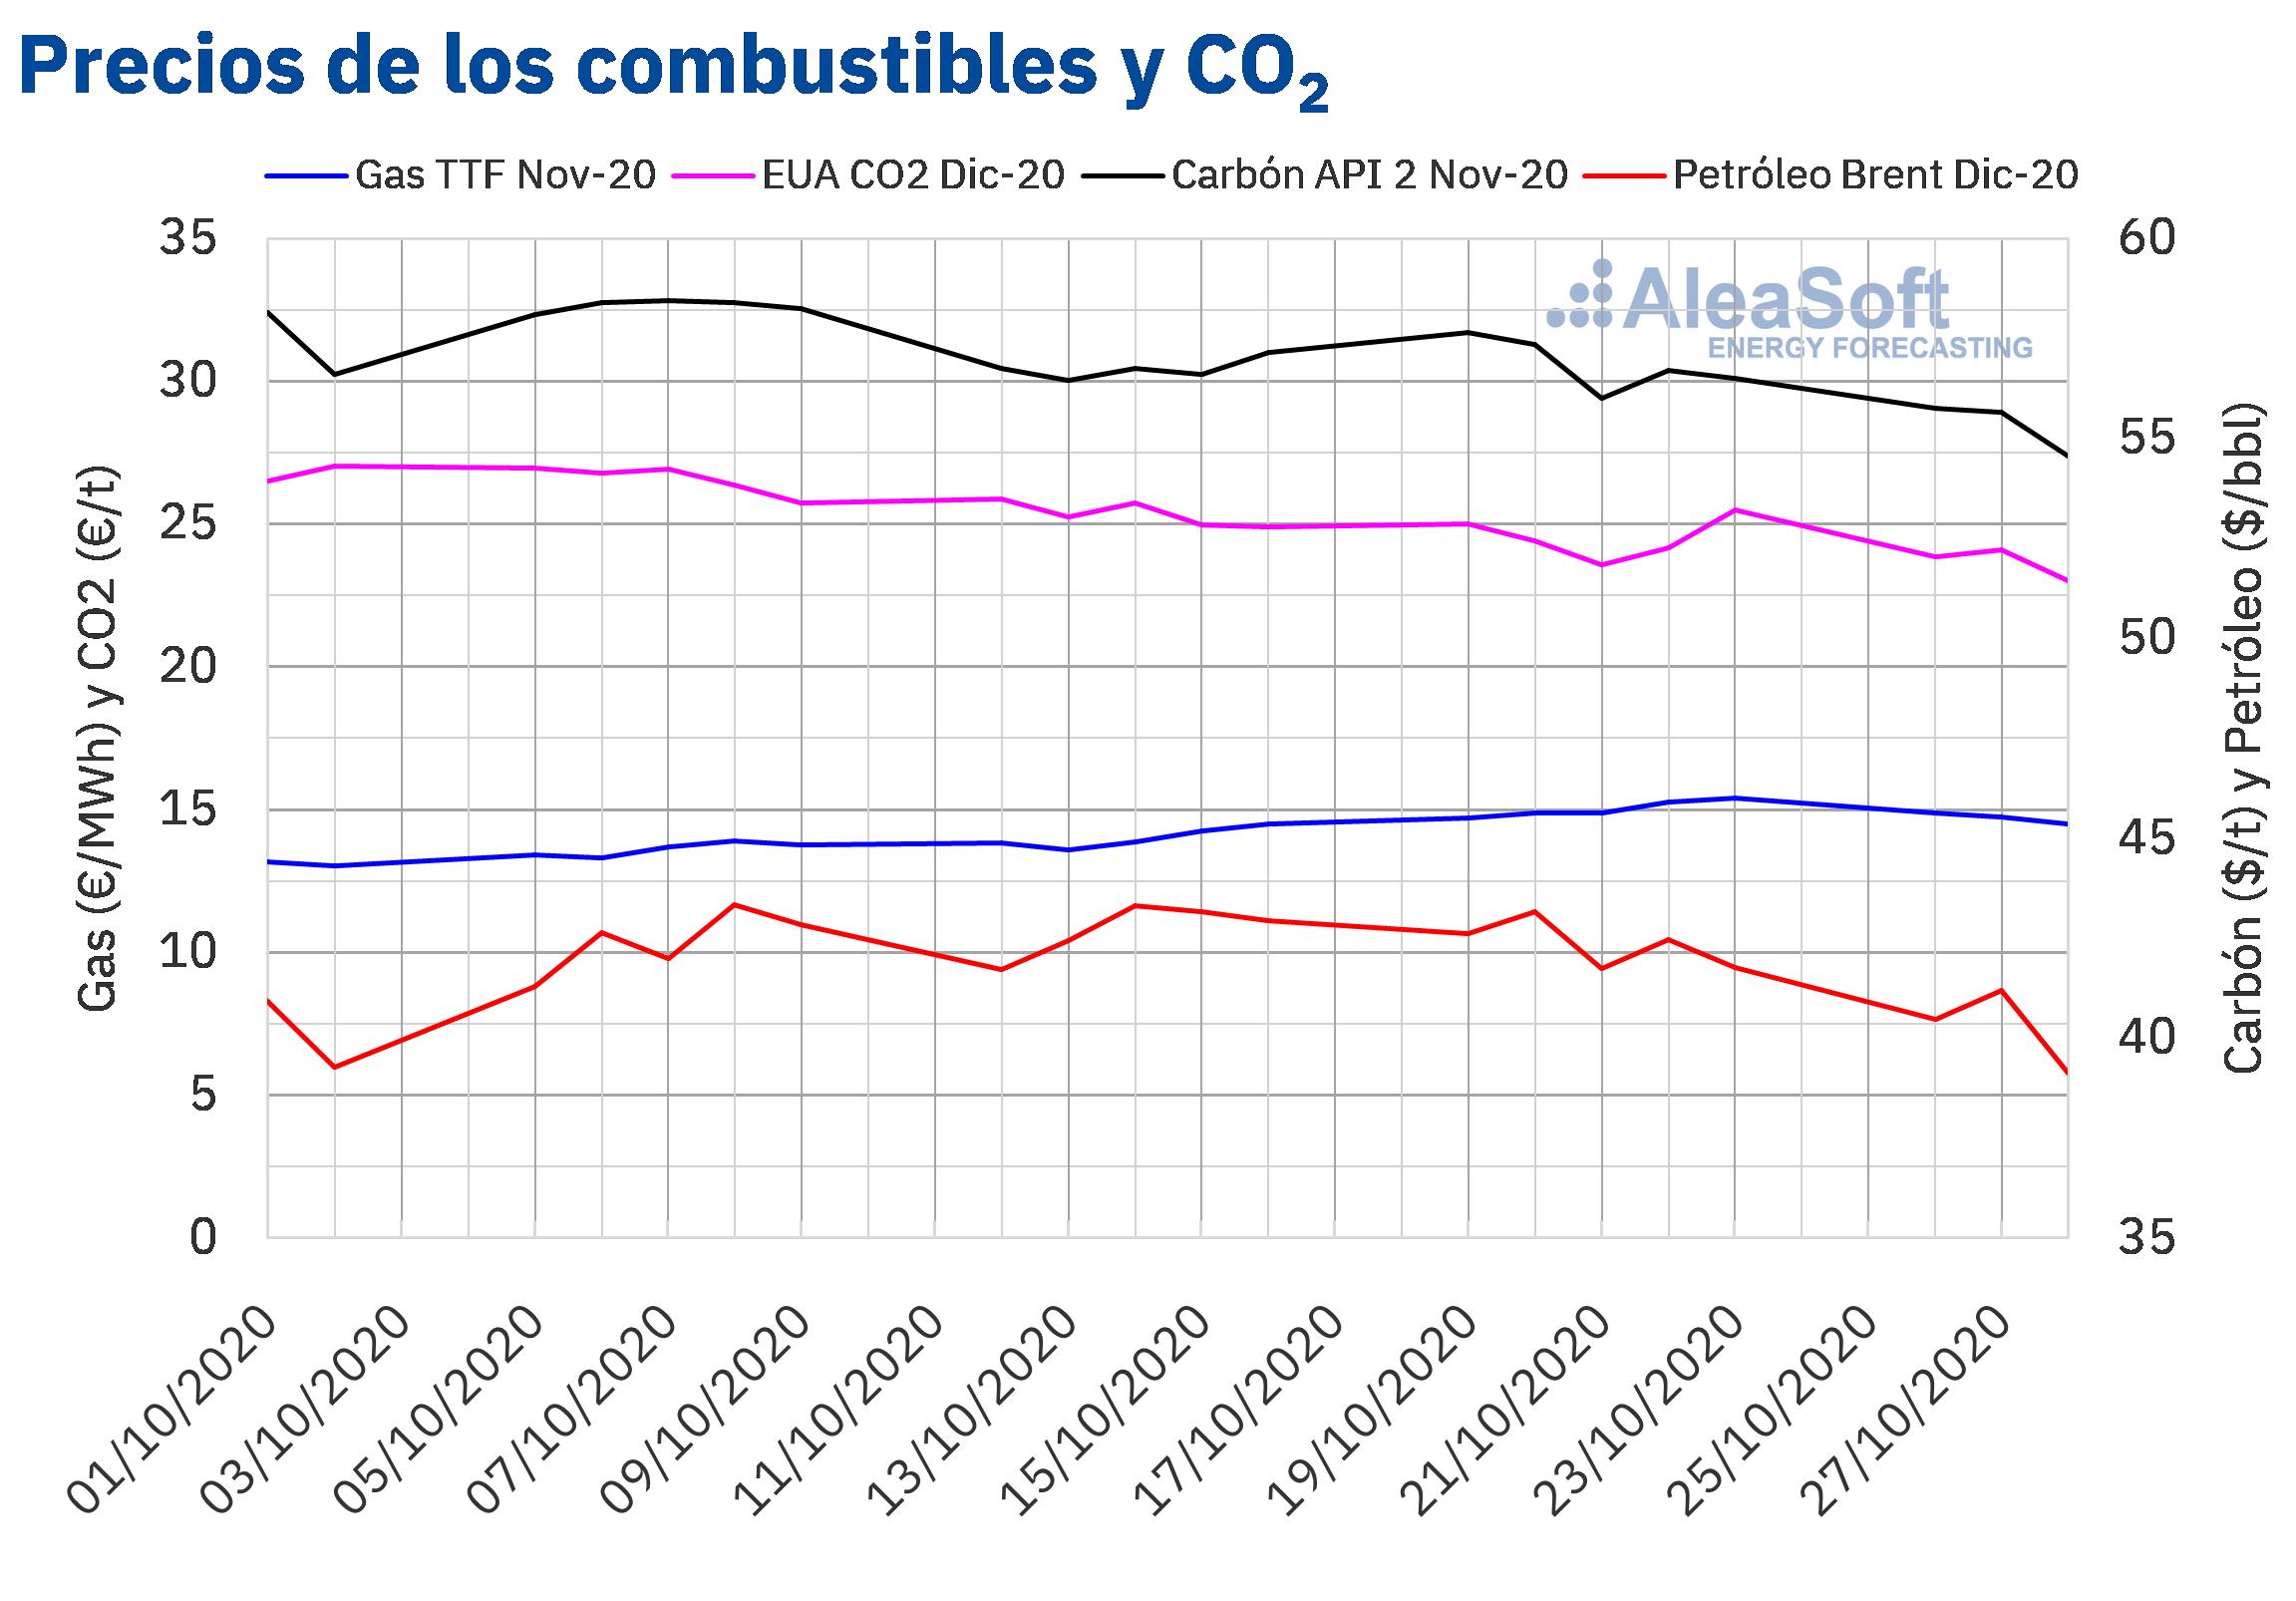 AleaSoft - Precios de gas carbon Brent y CO2